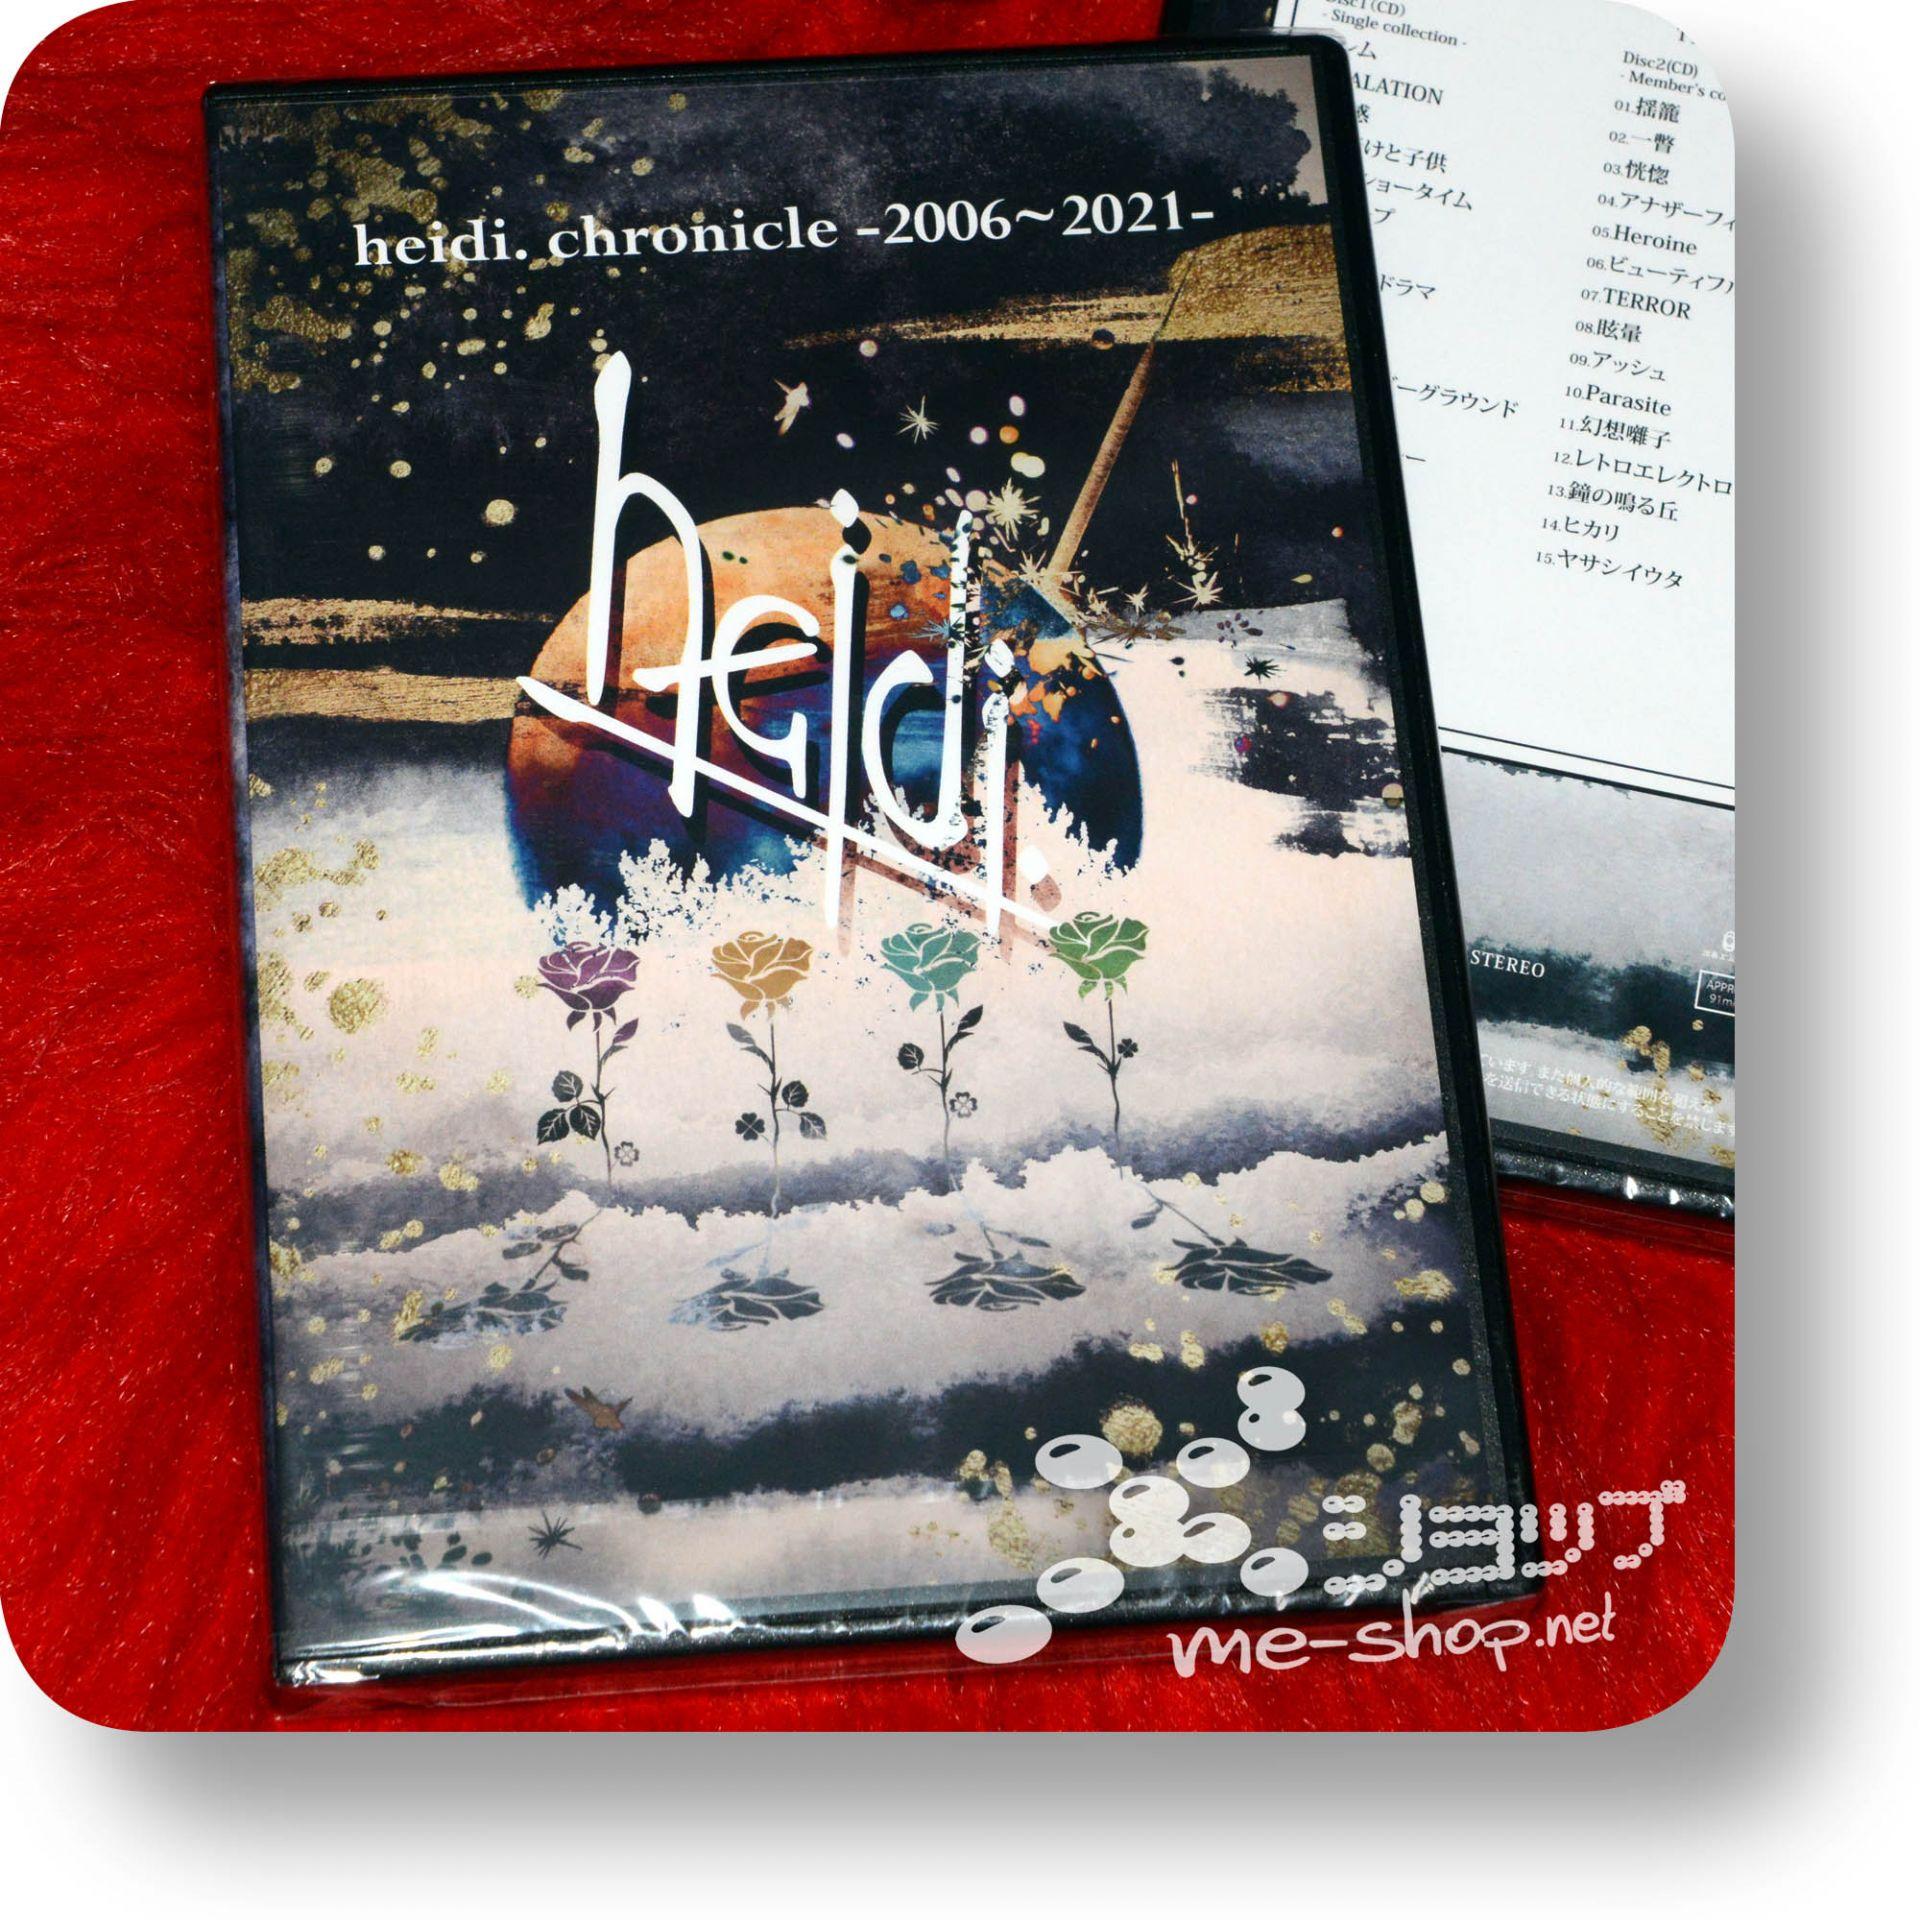 heidi chronicle b